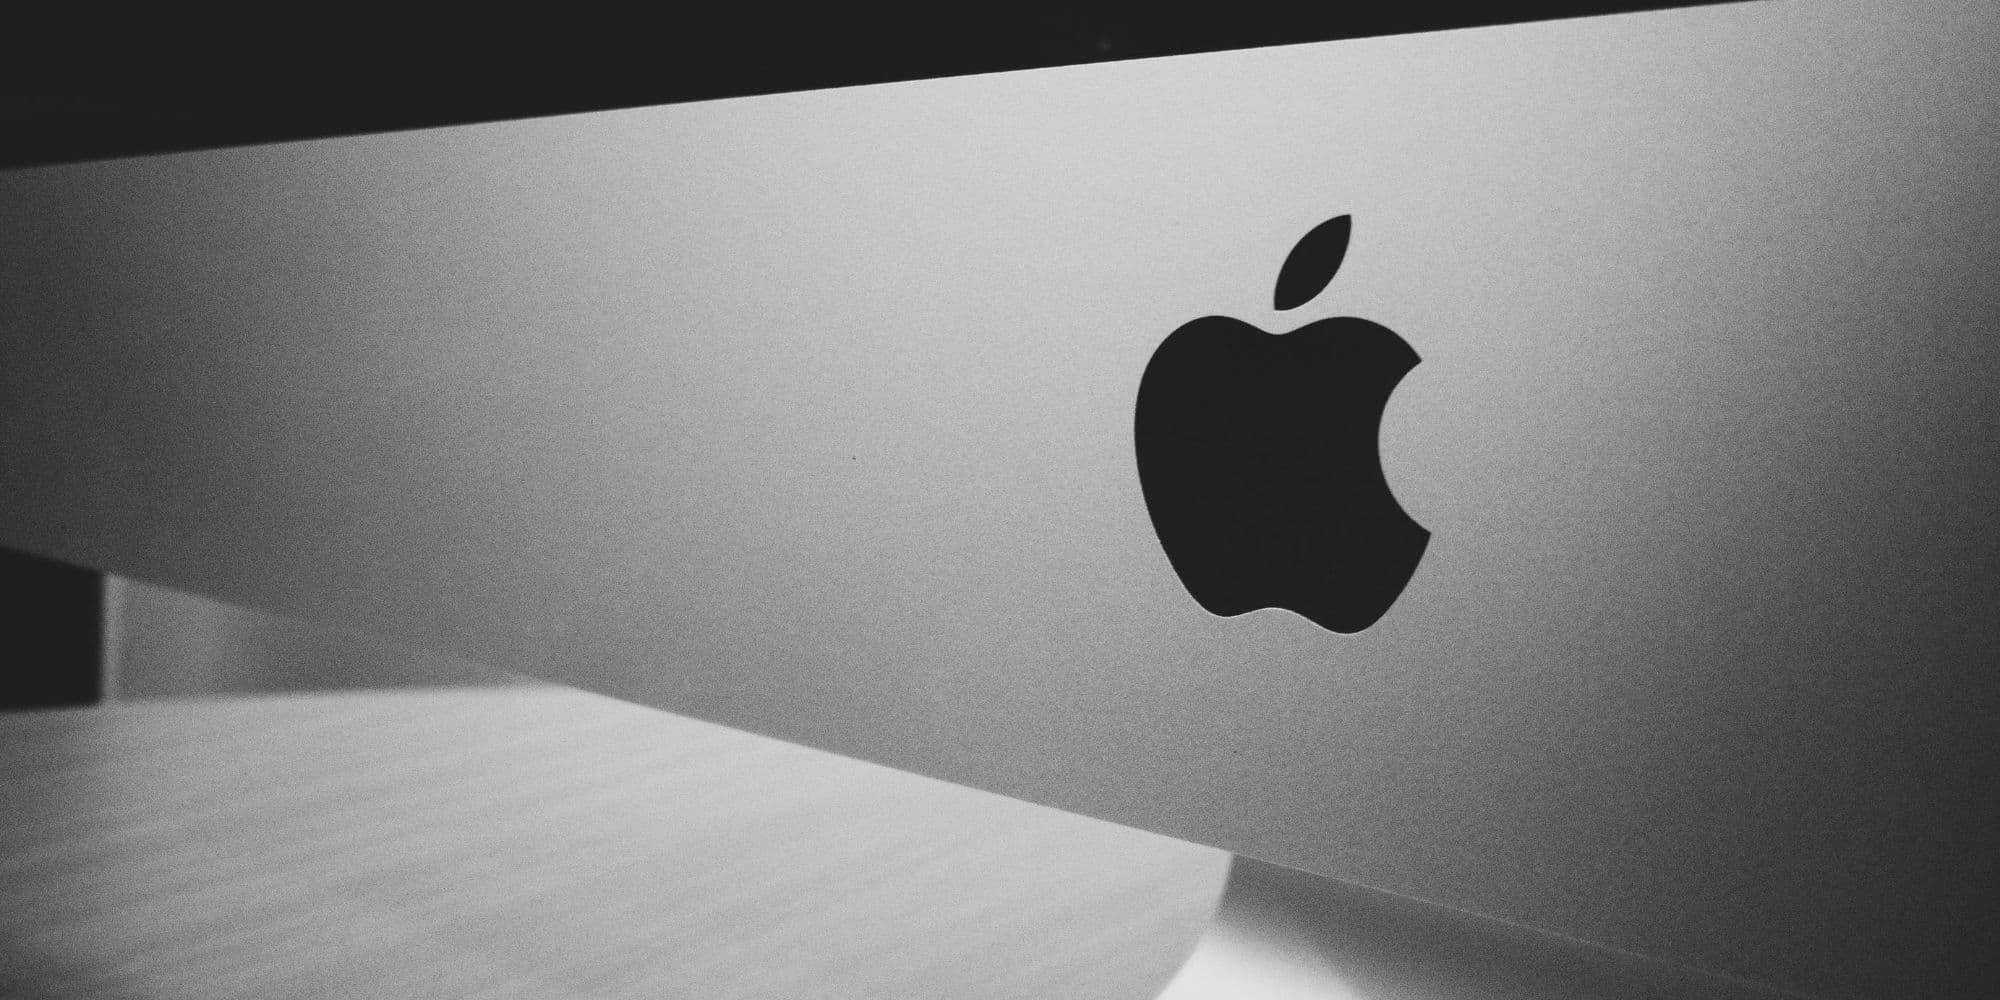 Apple $3 Trillion Market Cap